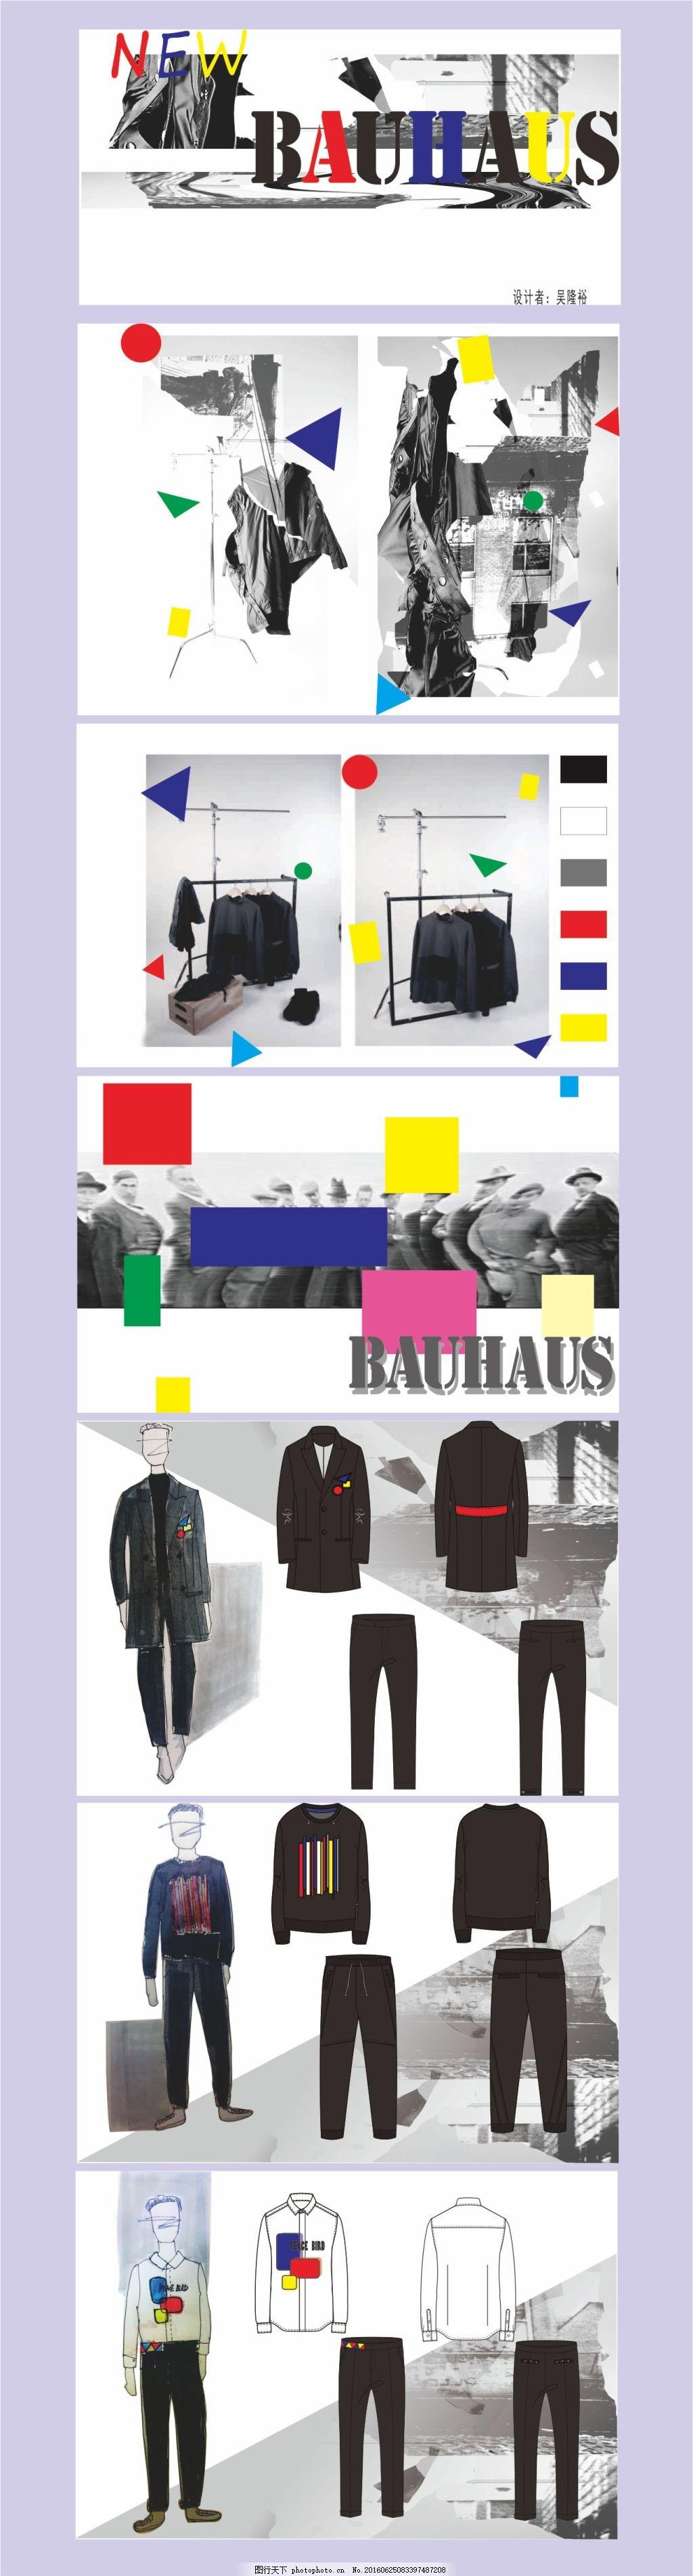 包豪斯系列开发 男装开发 几何 系列设计 服装设计 极简主义